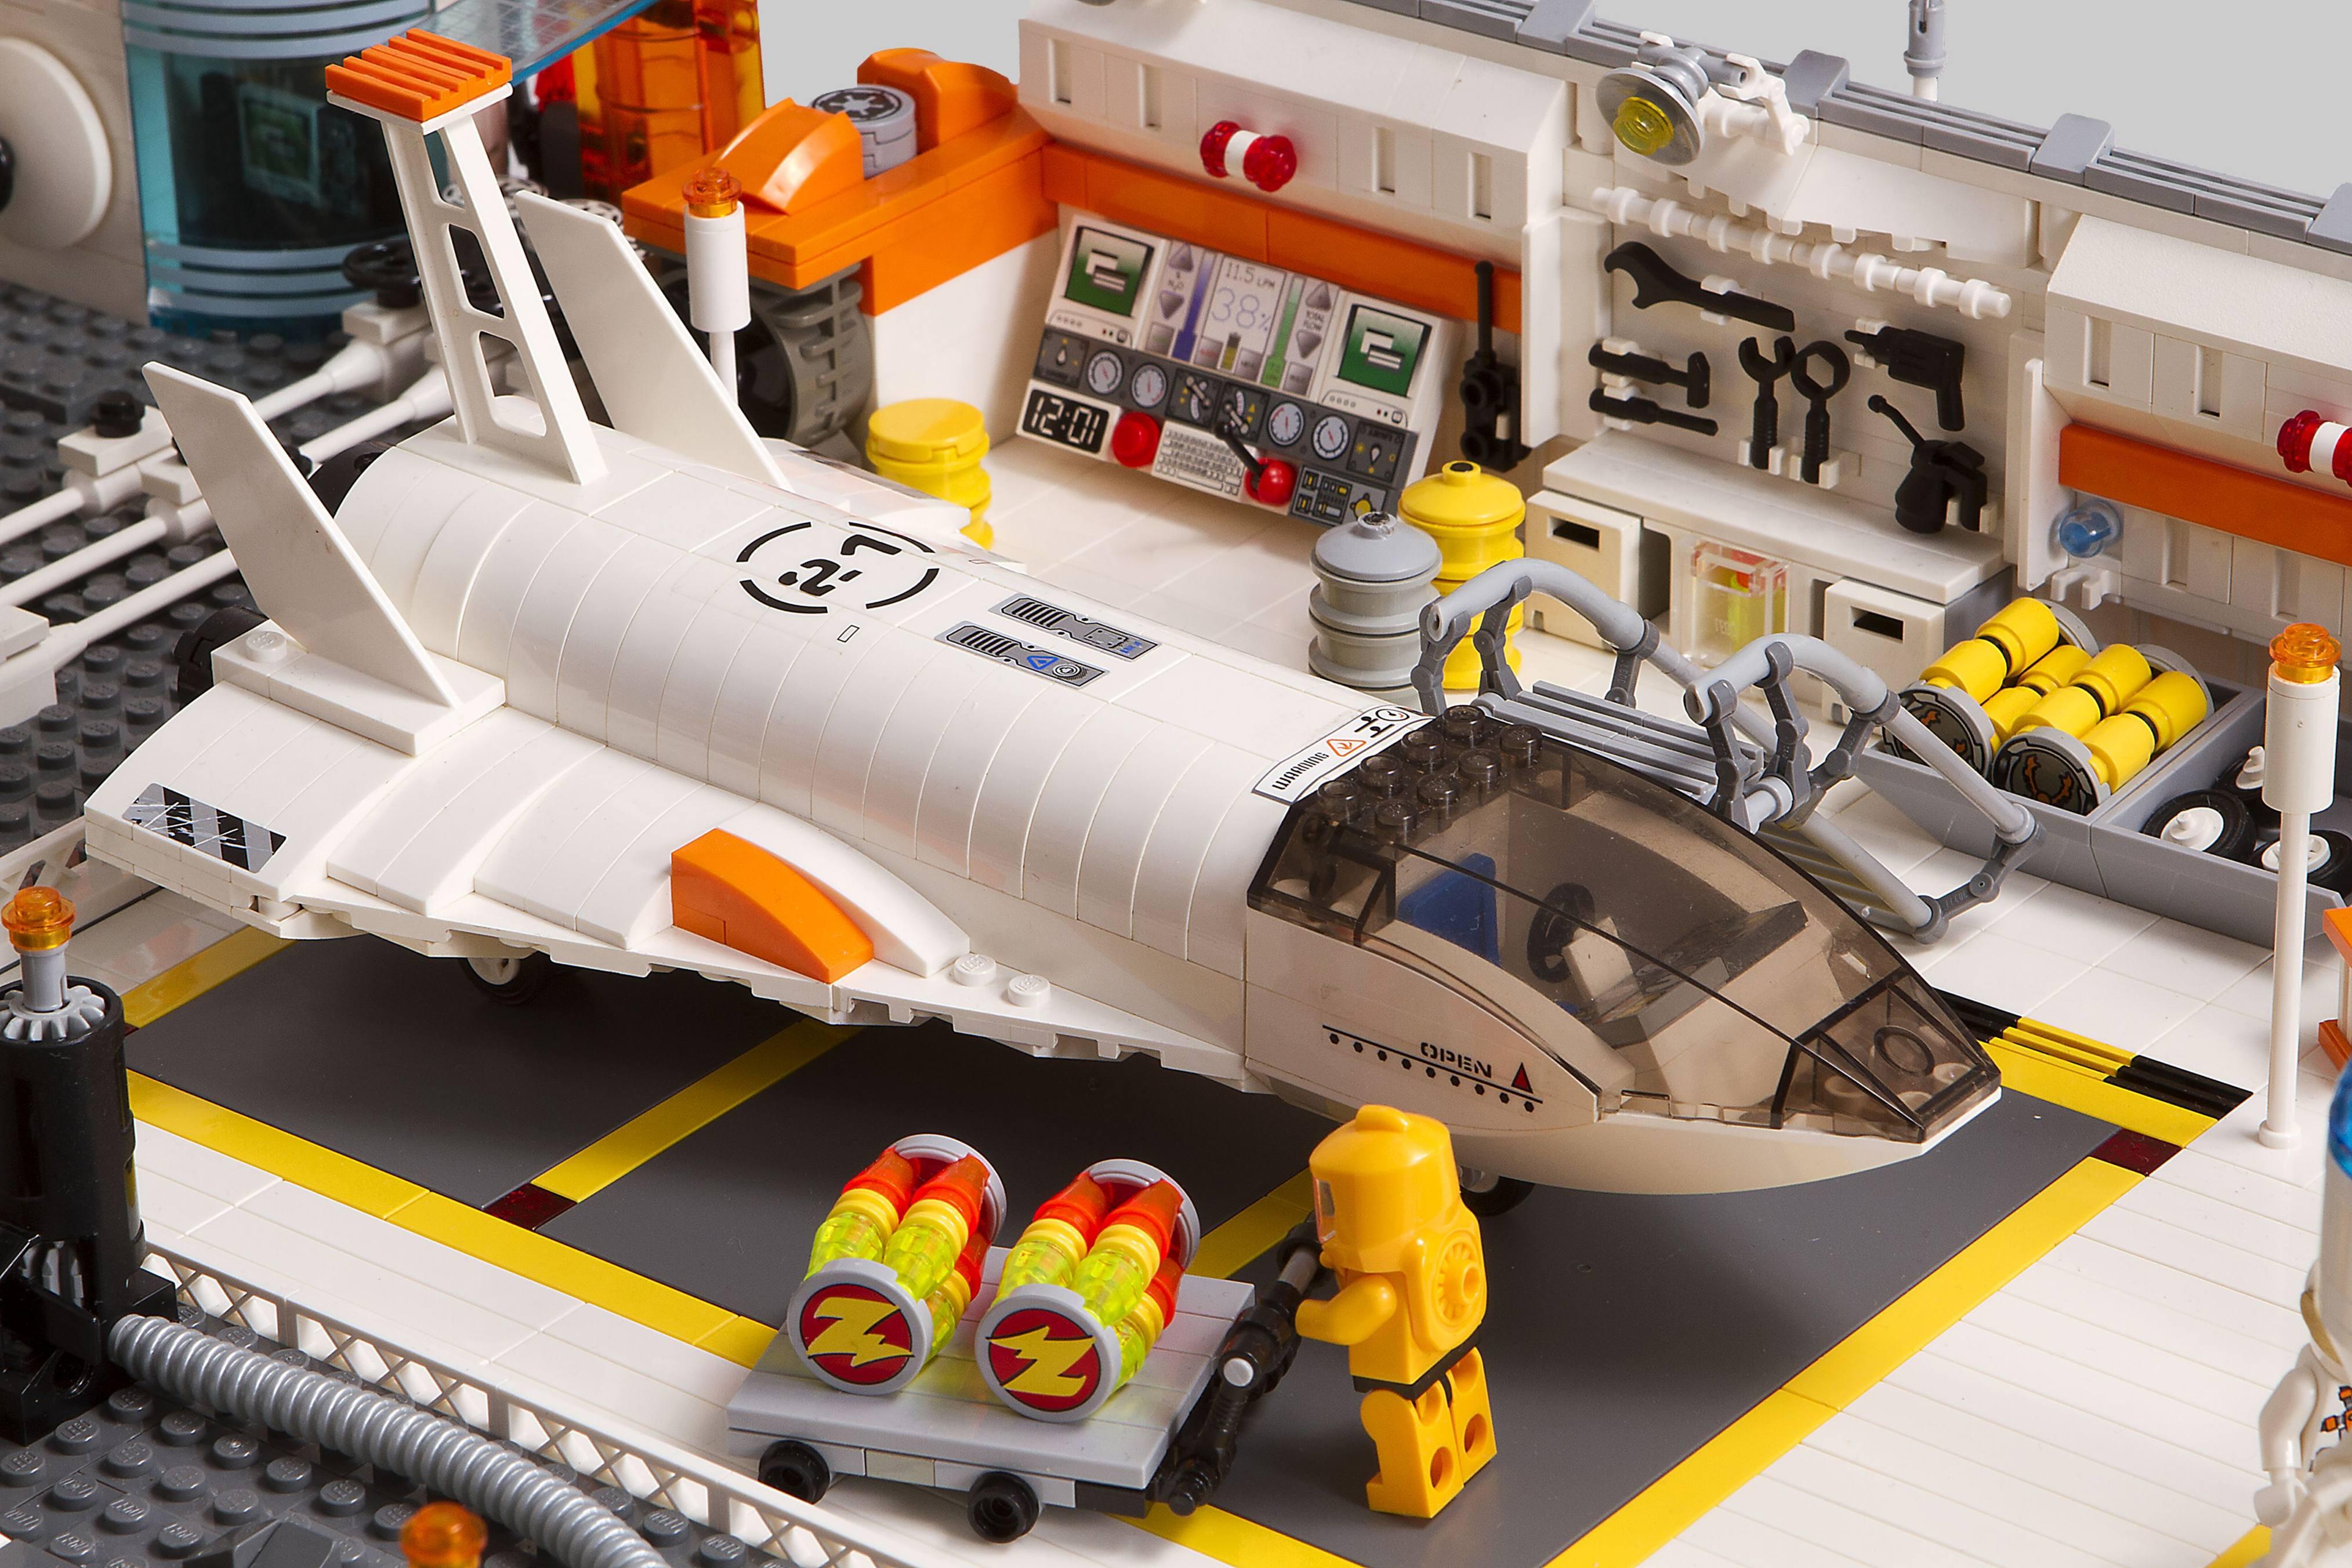 Lego Ideas Lunar Base